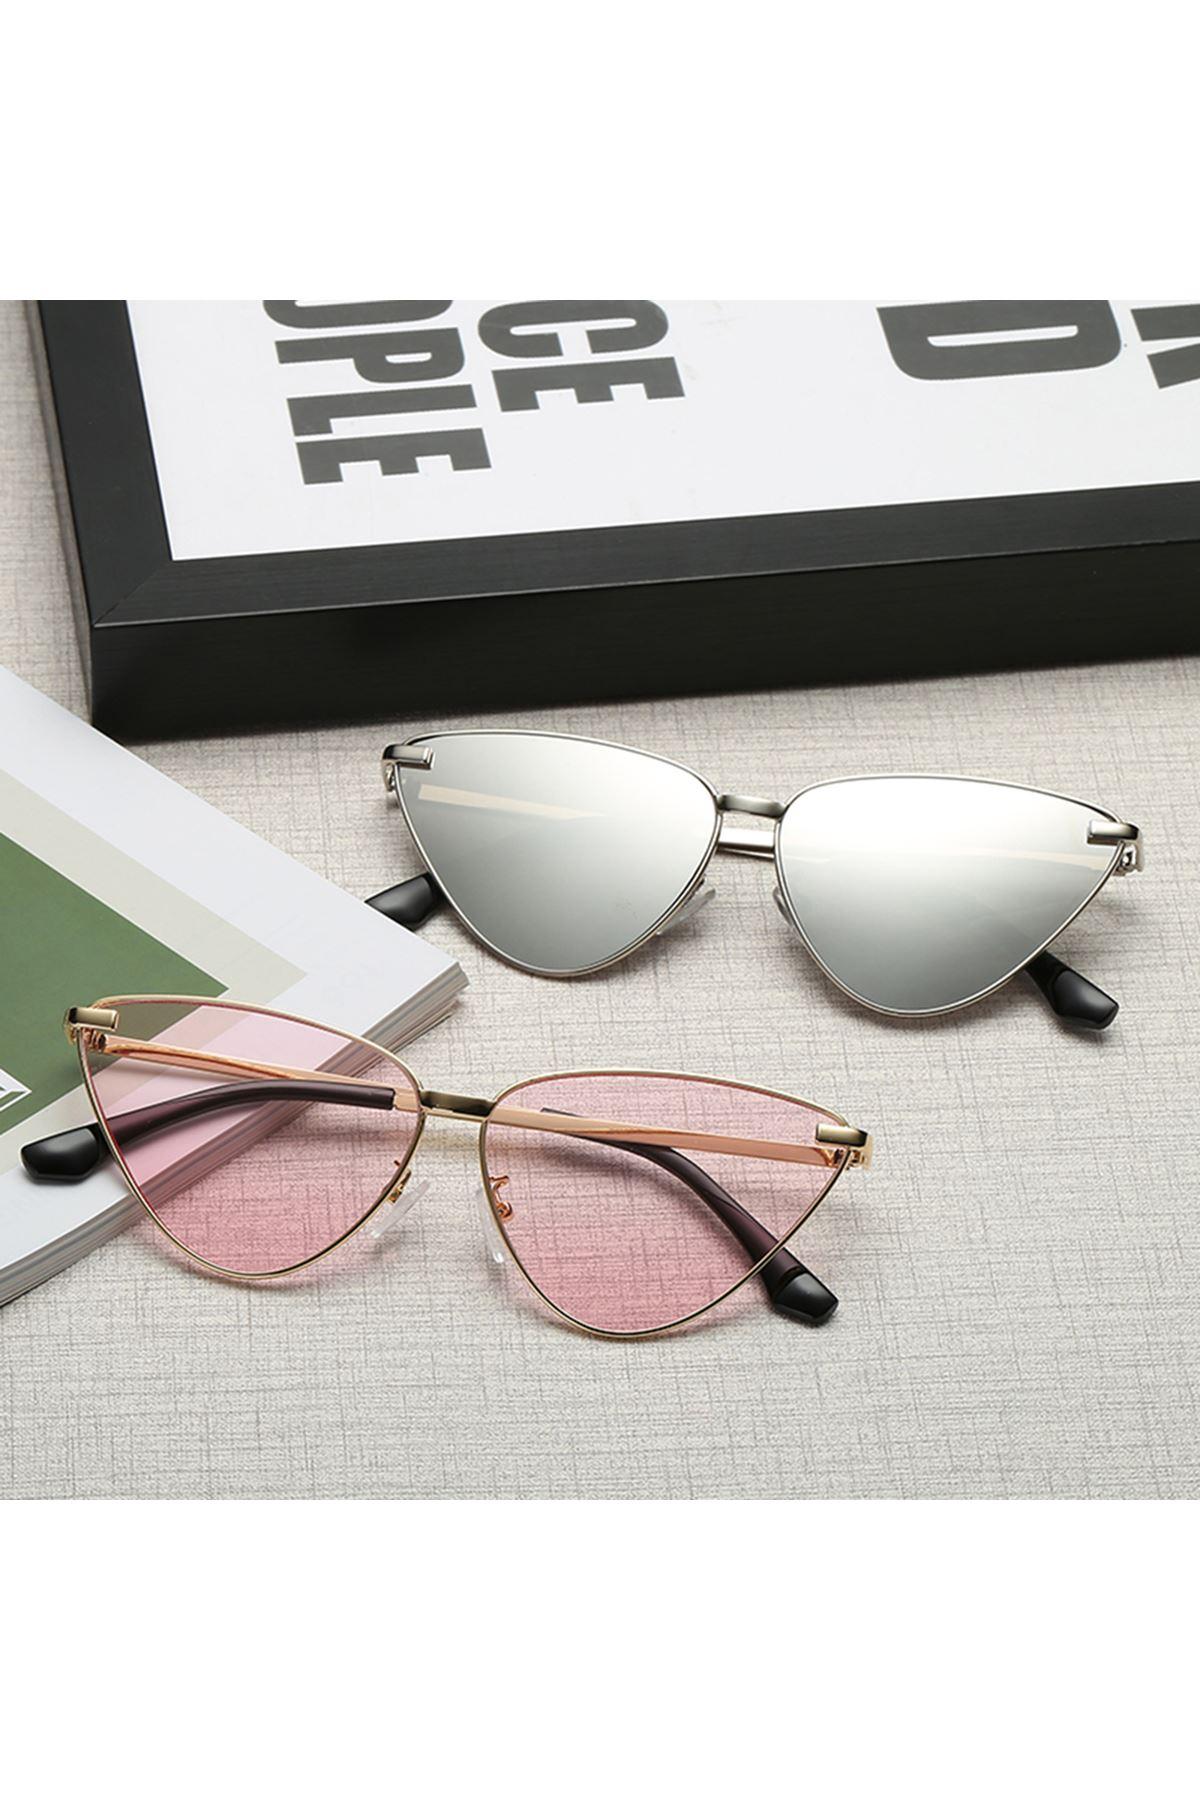 6017 Gümüş Kadın Gözlük